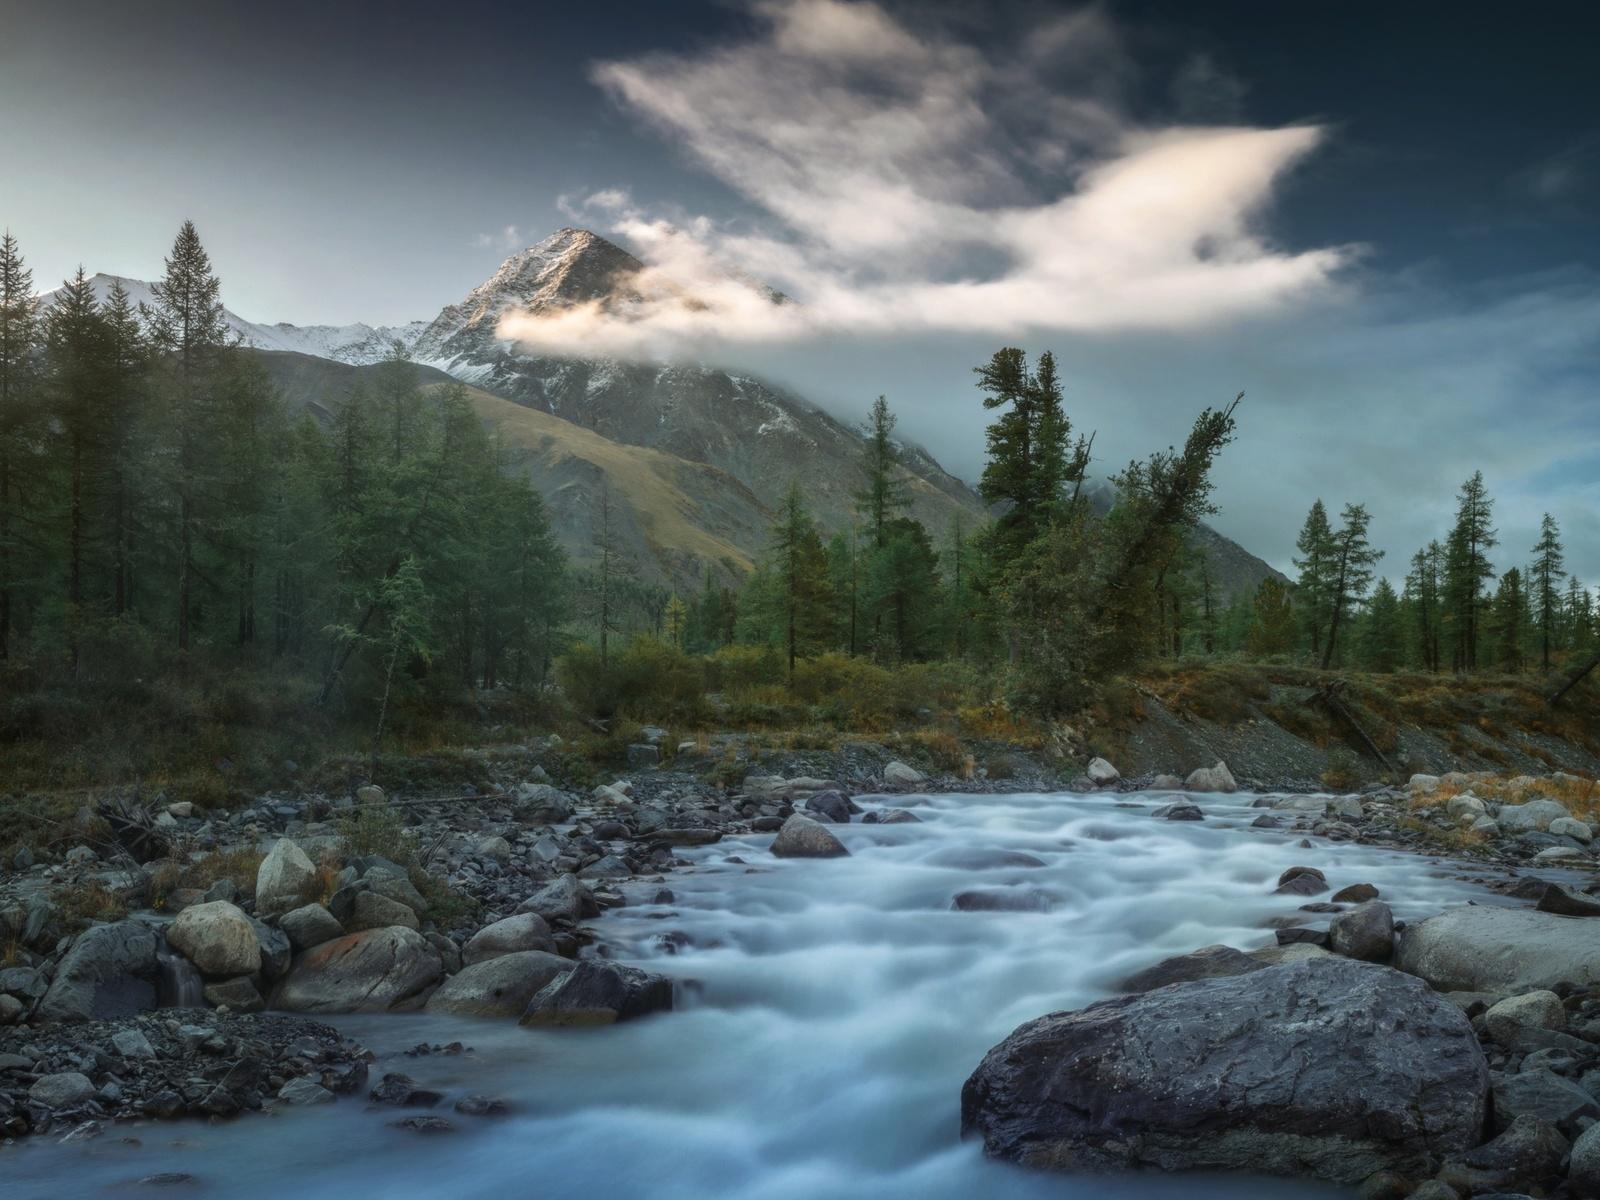 речка, горы, пейзаж, николай шевченко